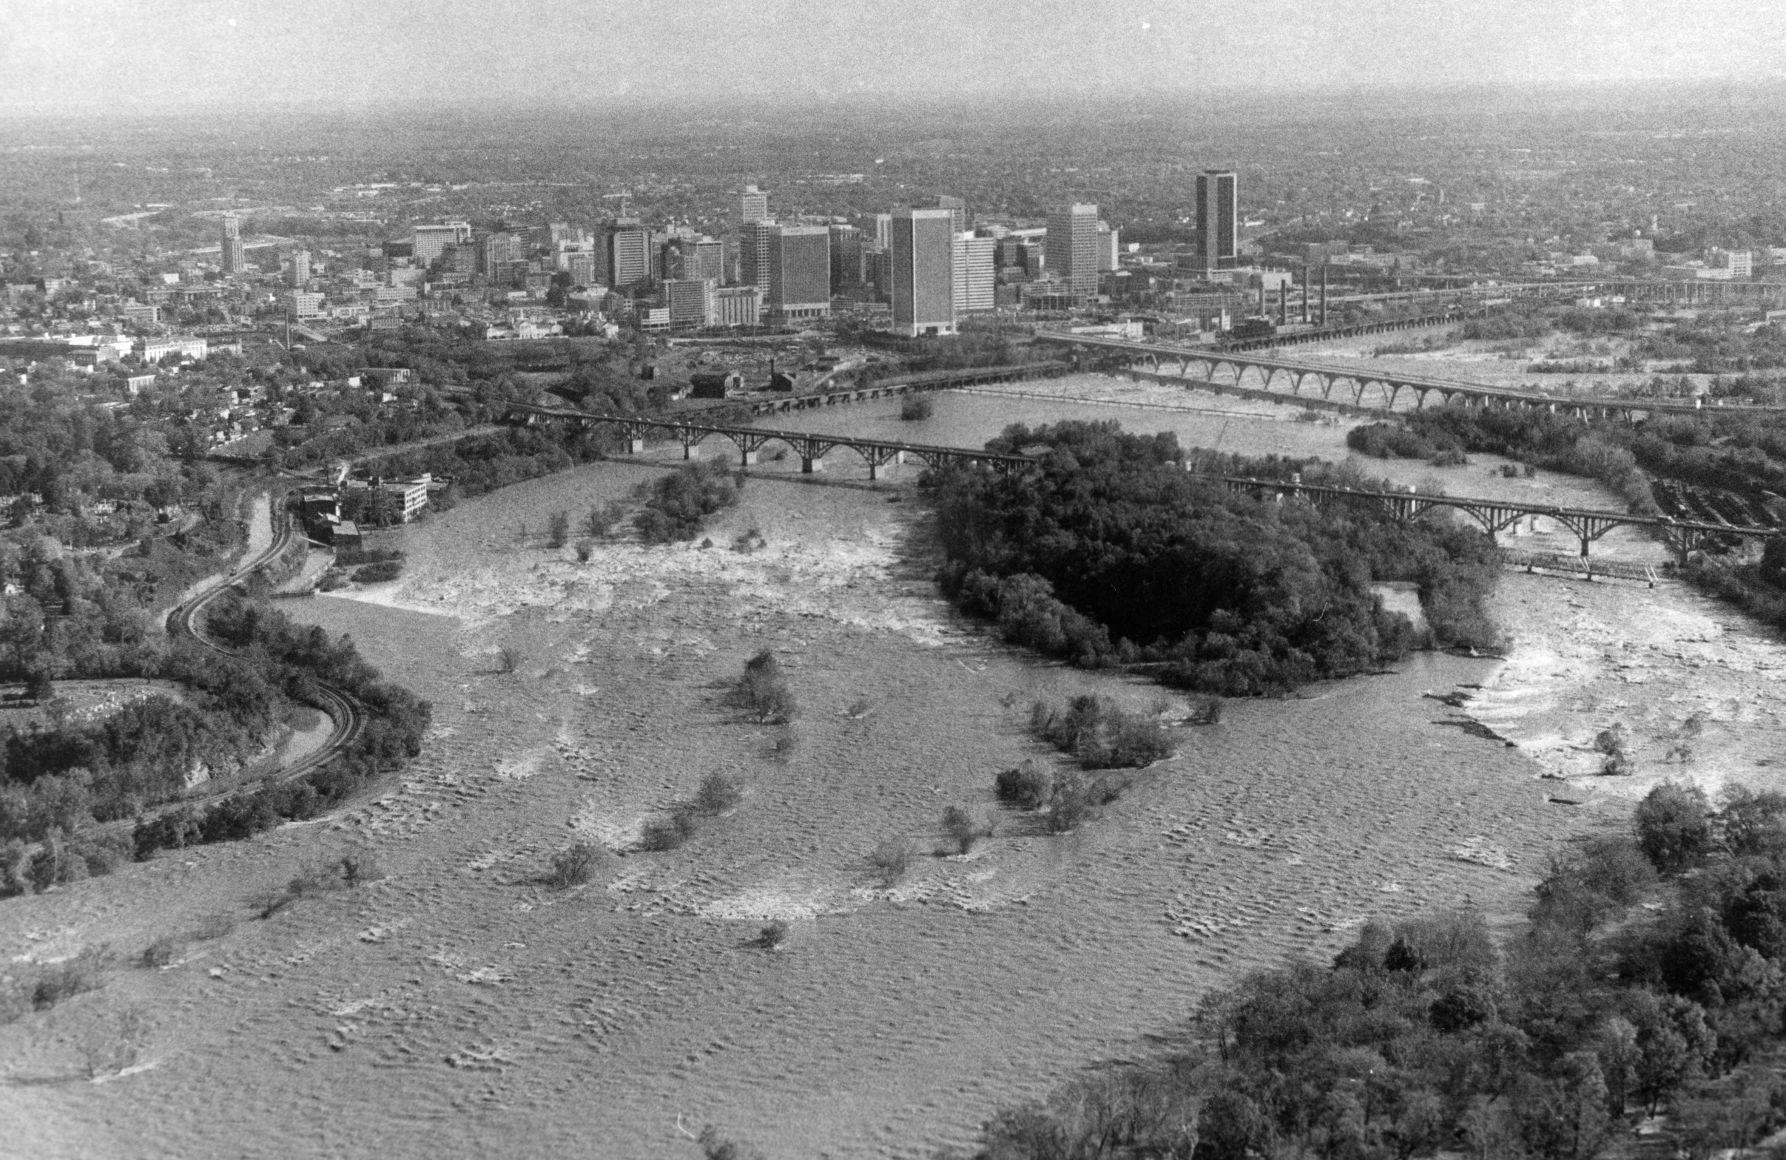 James River wide view PHOTOS Richmondu0027s last